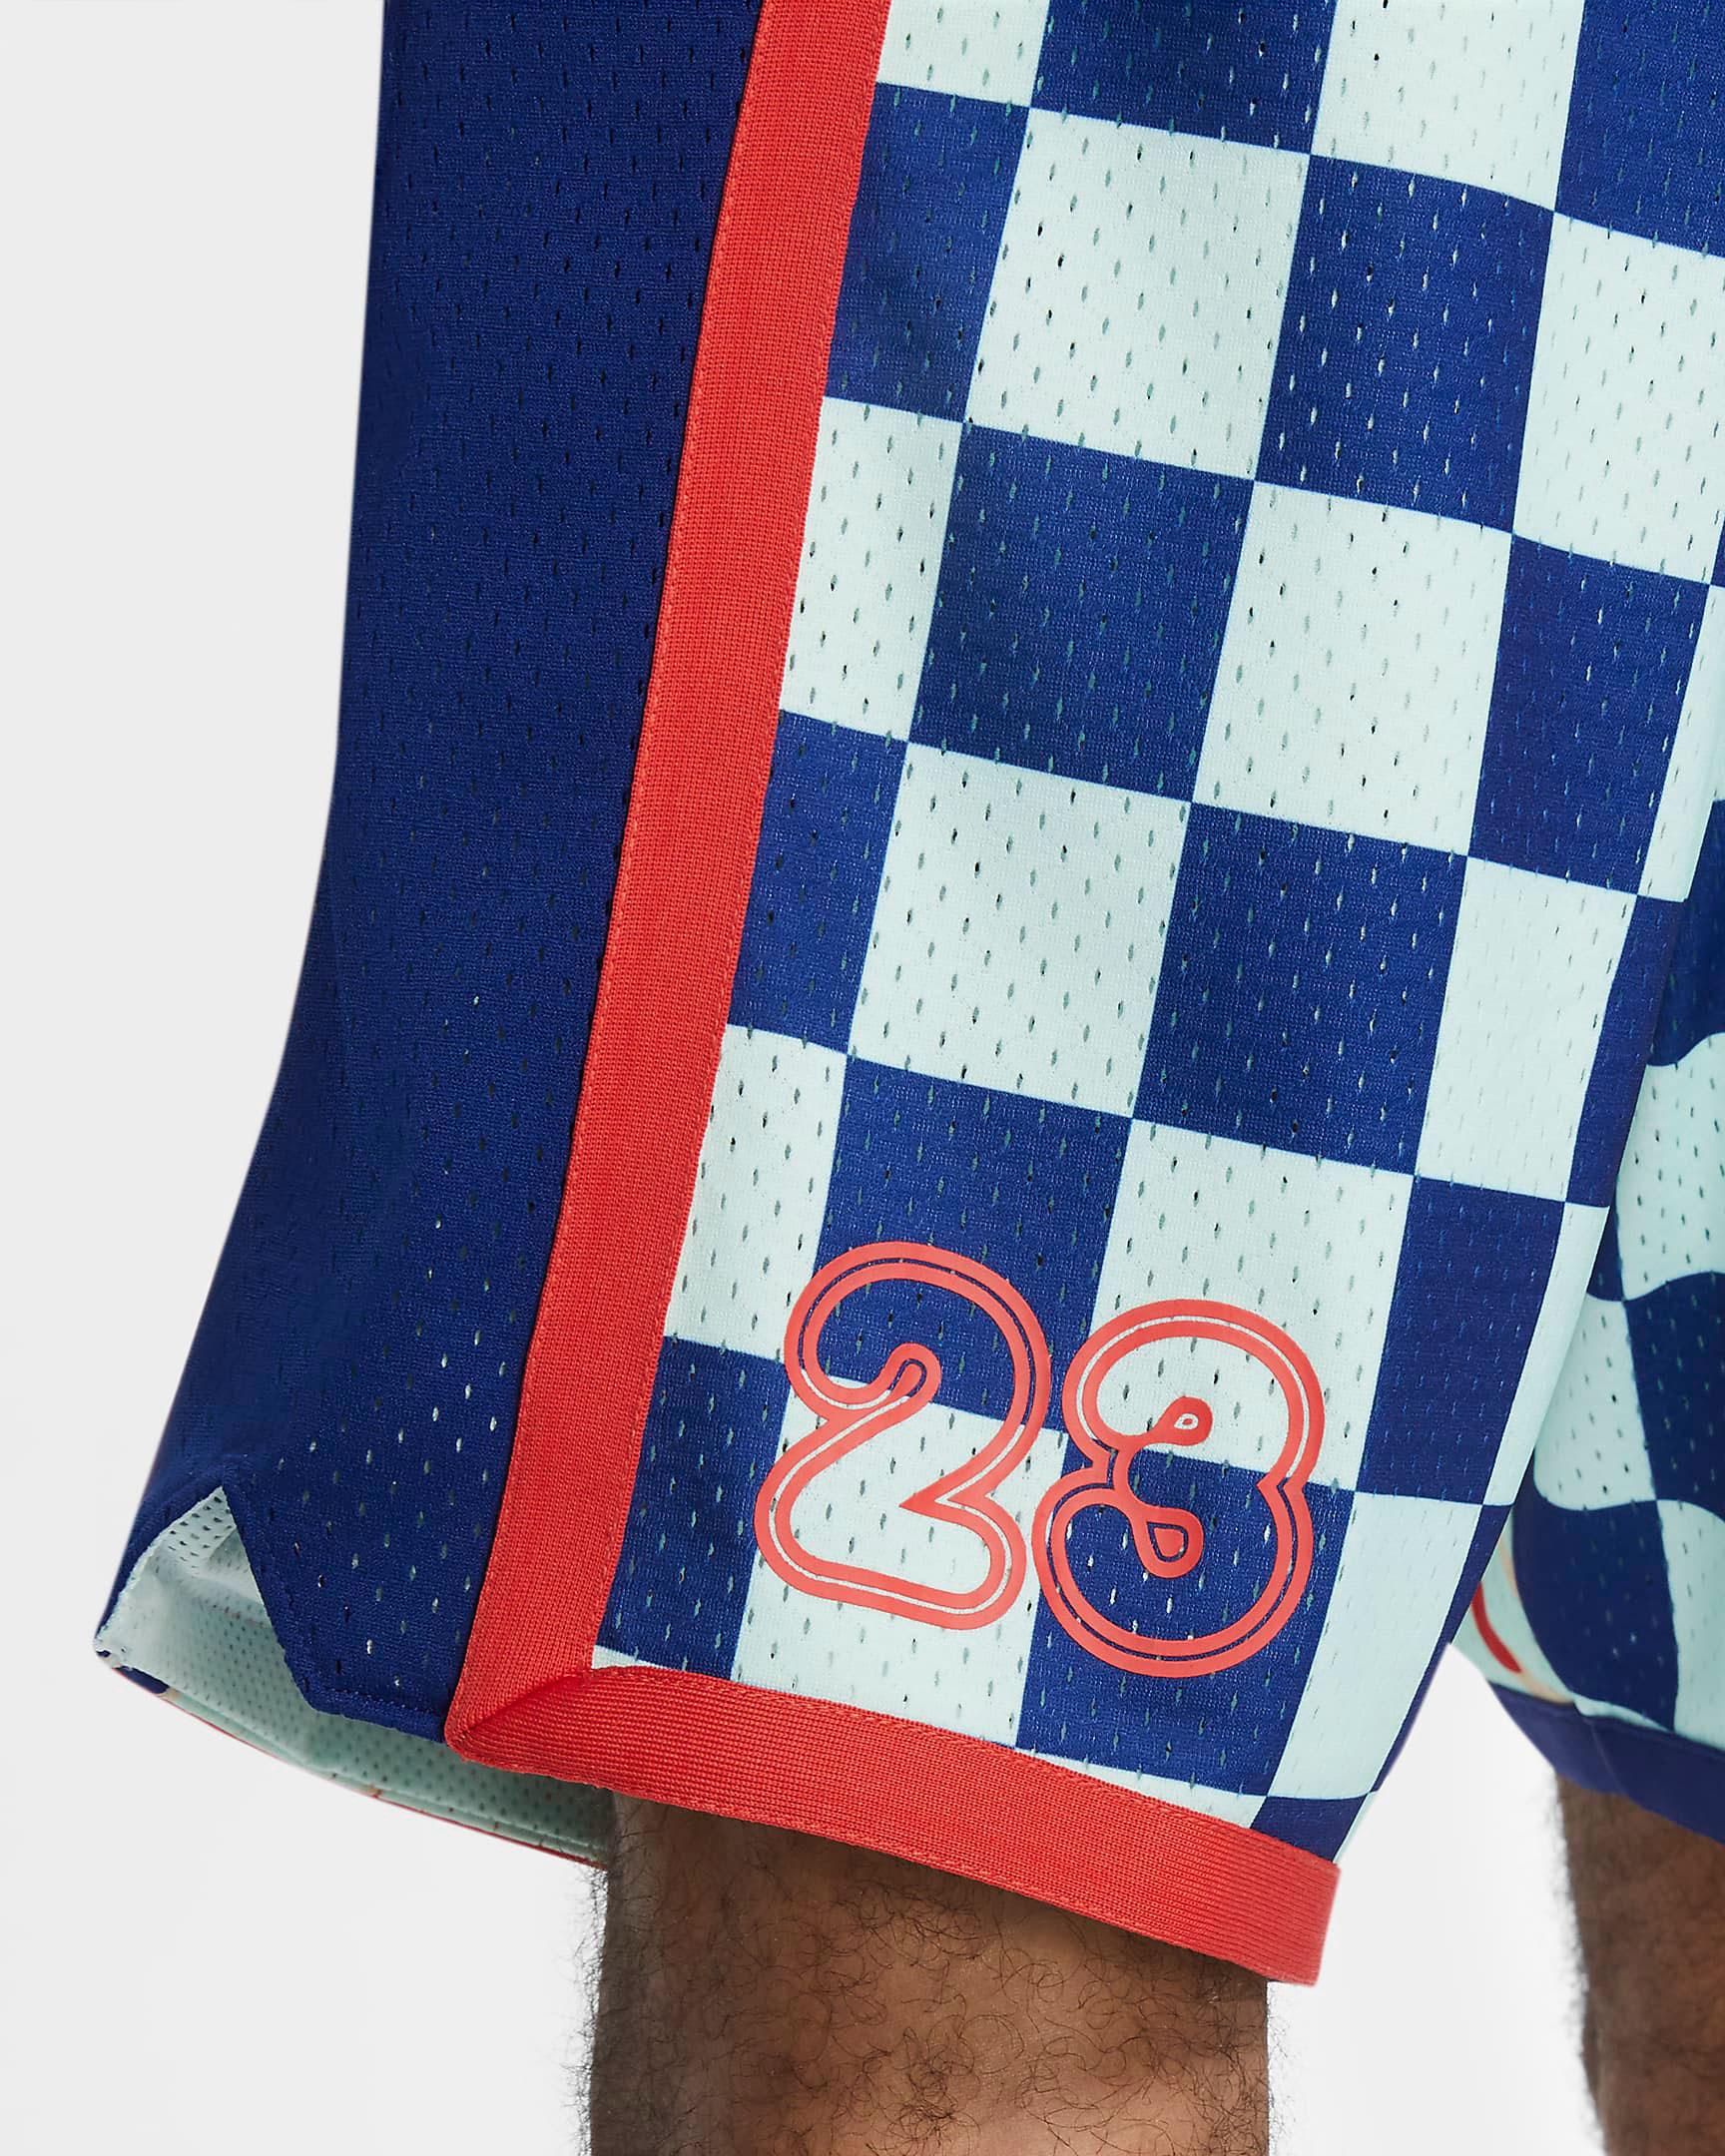 jordan-14-hyper-royal-shorts-match-6